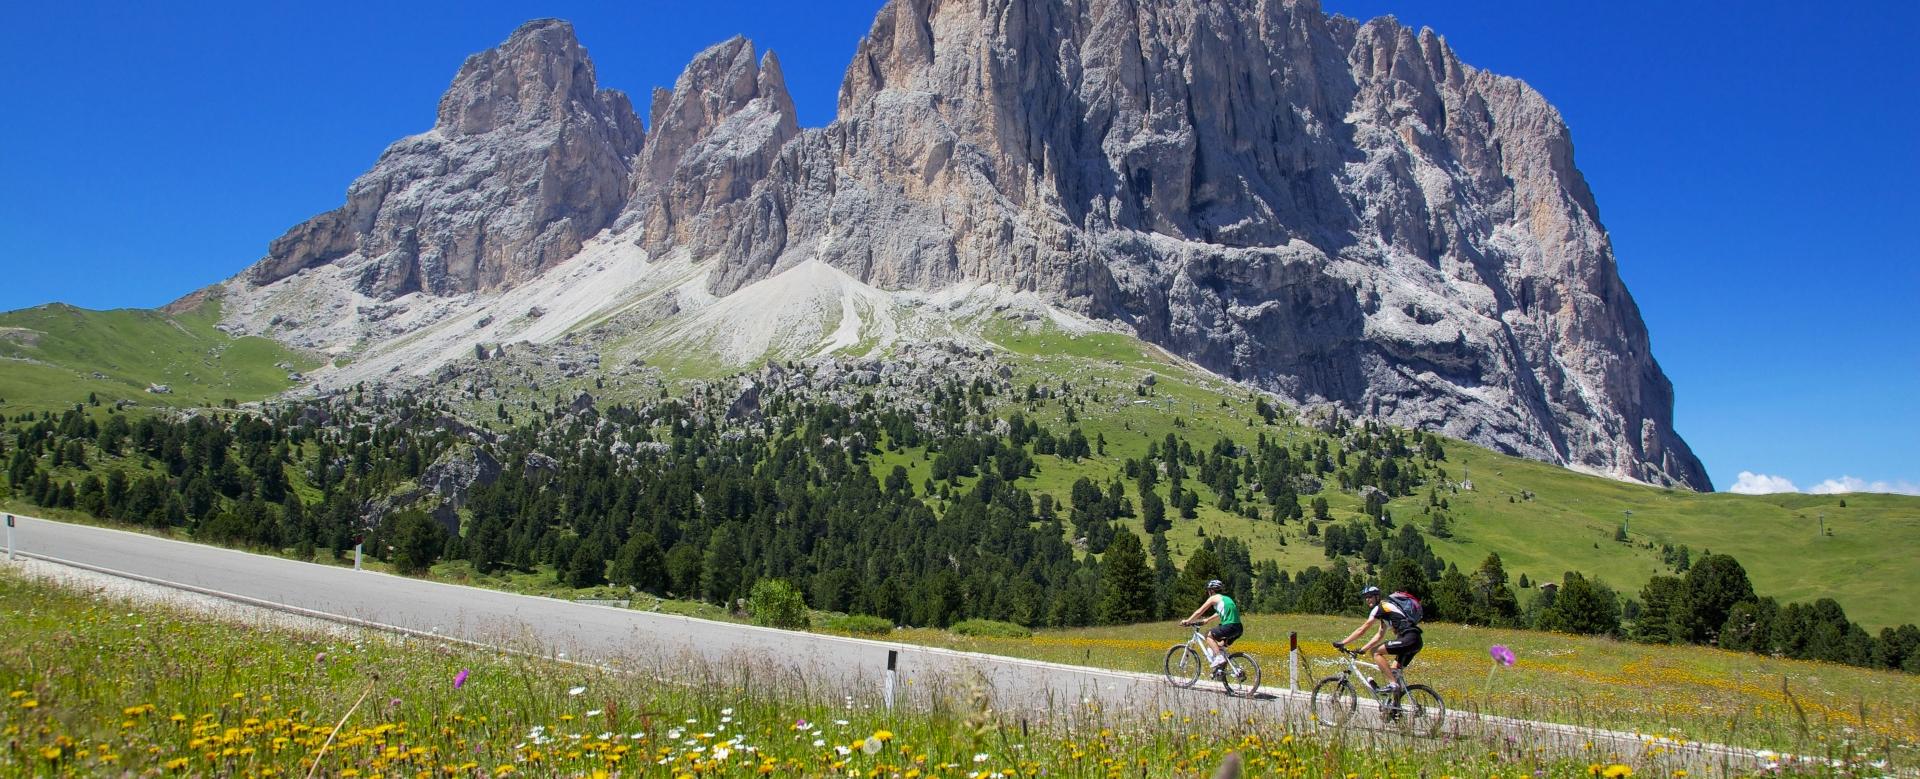 Voyage à vélo : Vélo et rando dans les dolomites